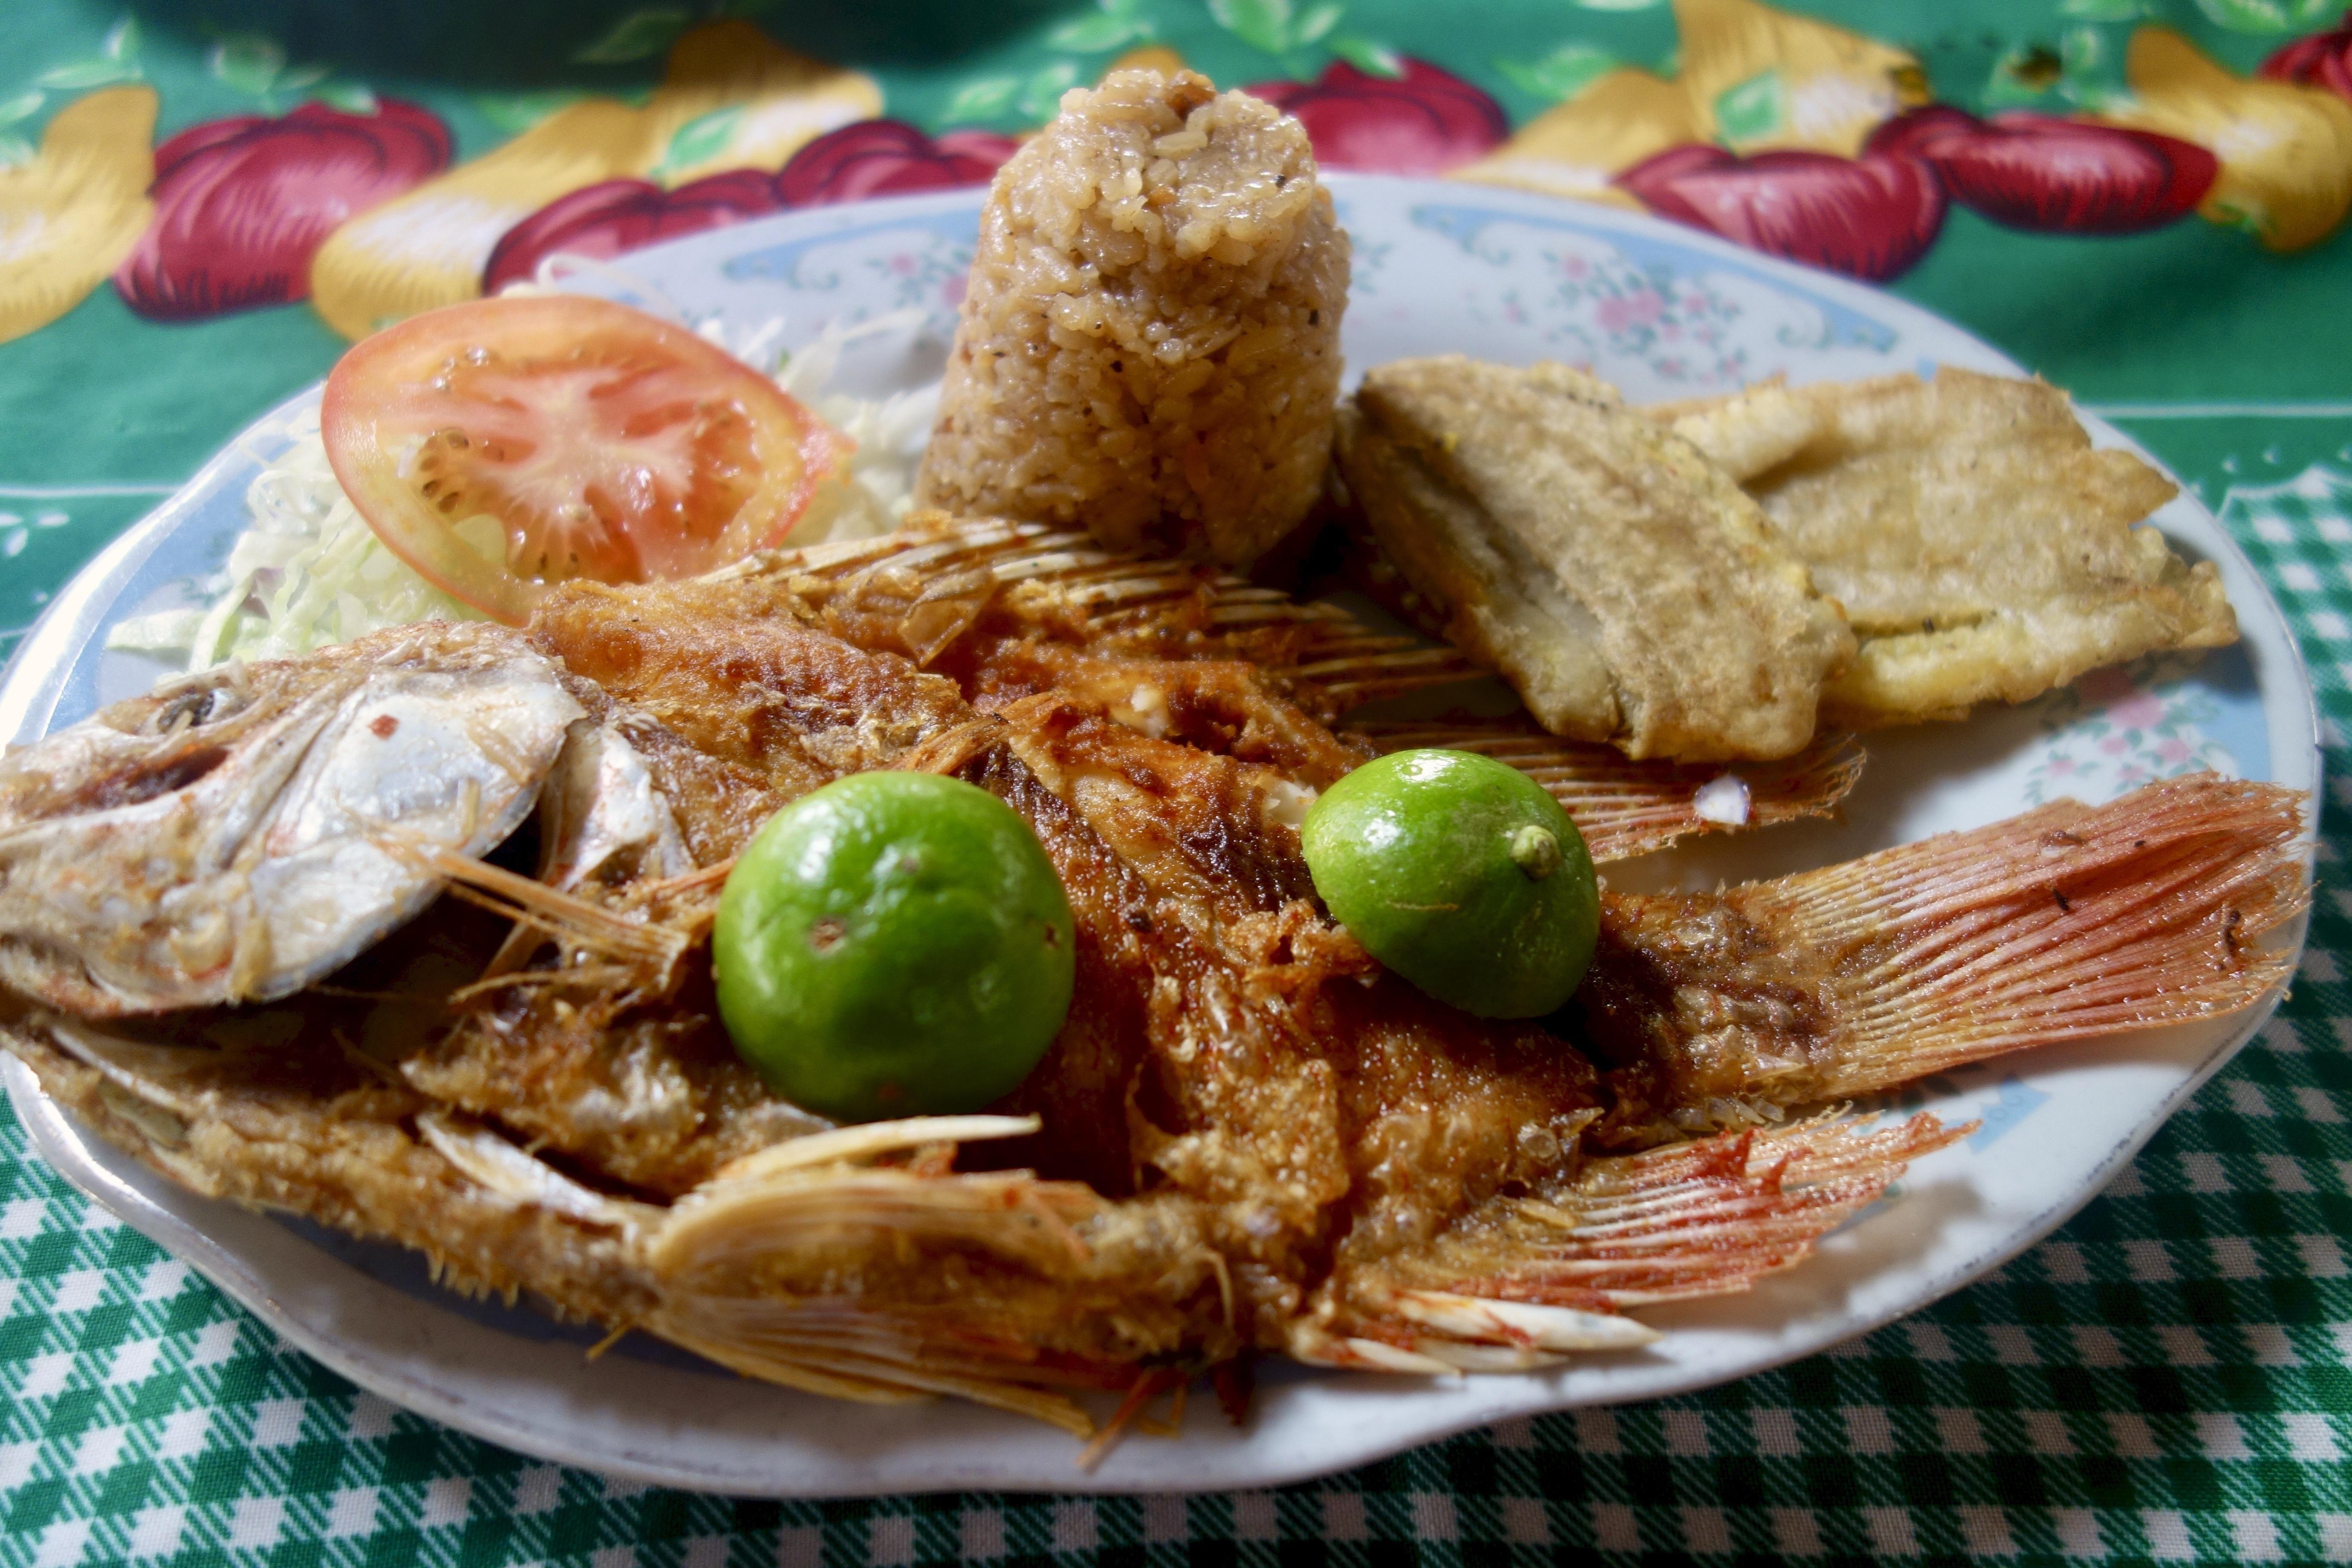 Pescado frito colombia x oc iftjohdu